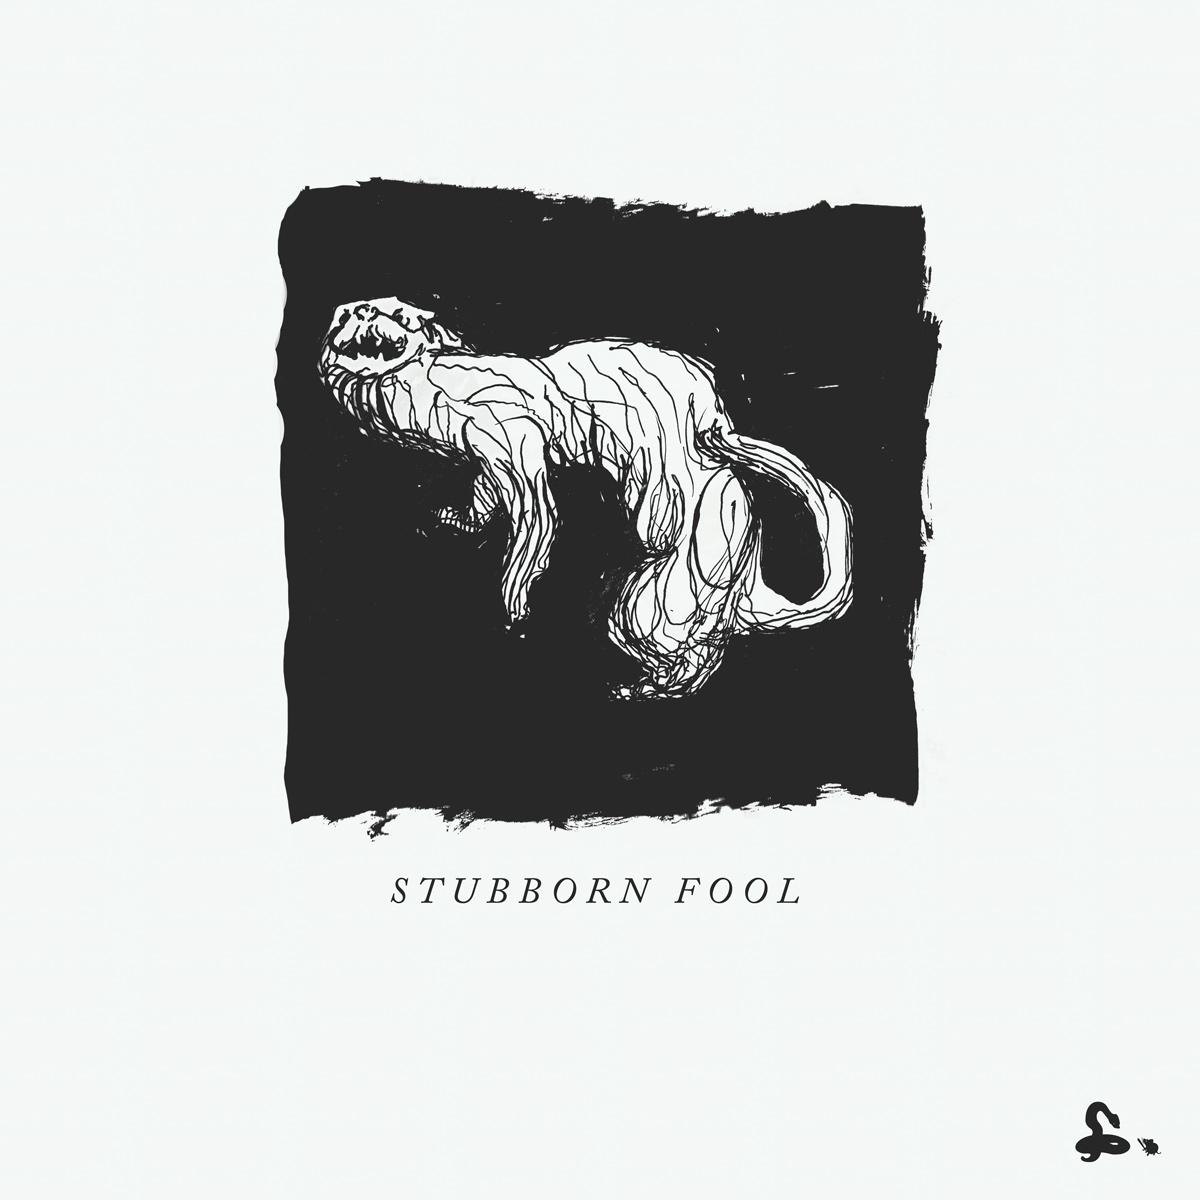 Stubborn-fool-album-centered.jpg